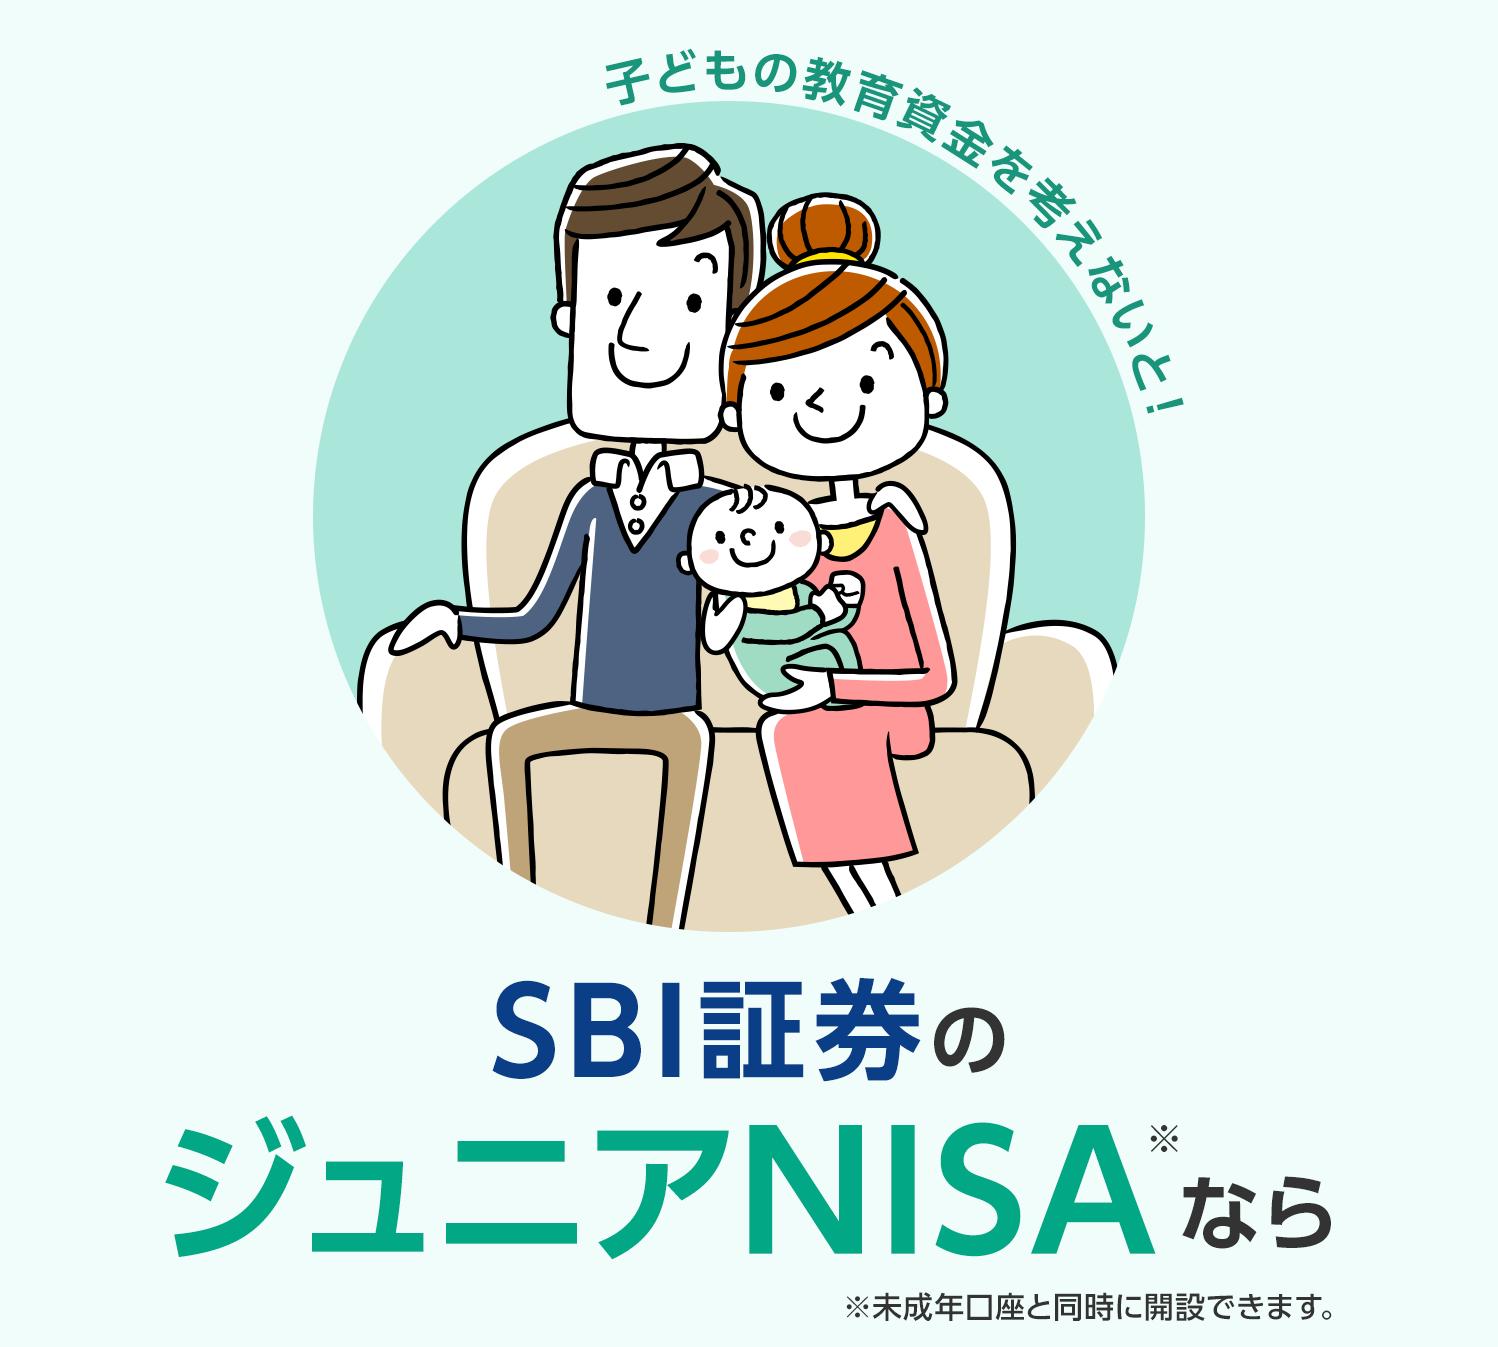 SBI証券のジュニアNISAなら